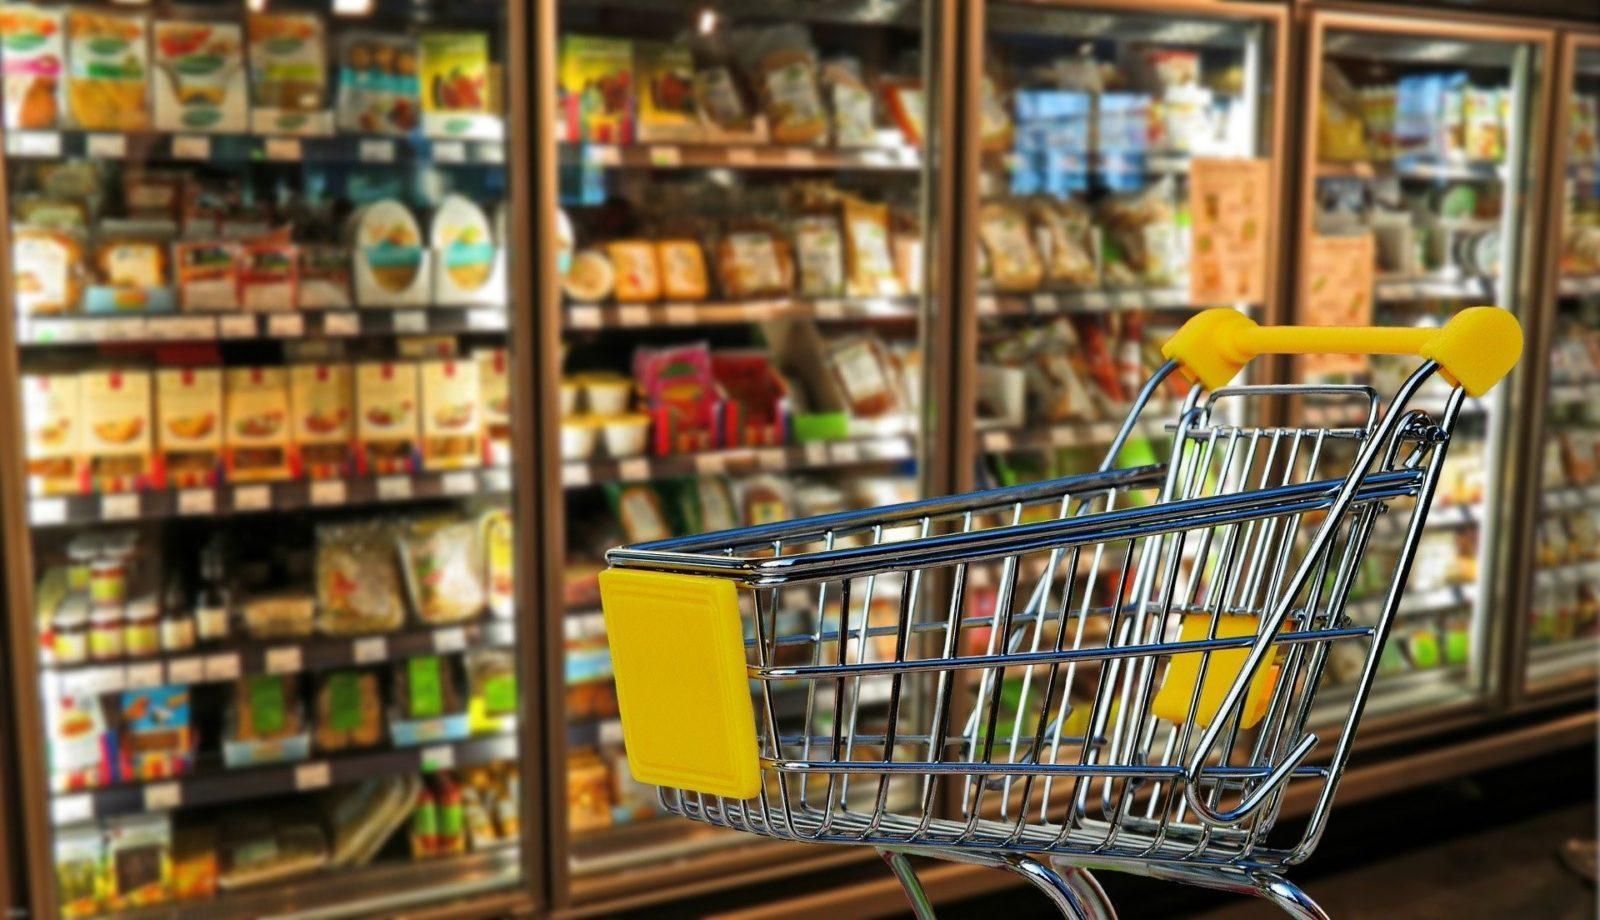 ceny w sklepach na majorce